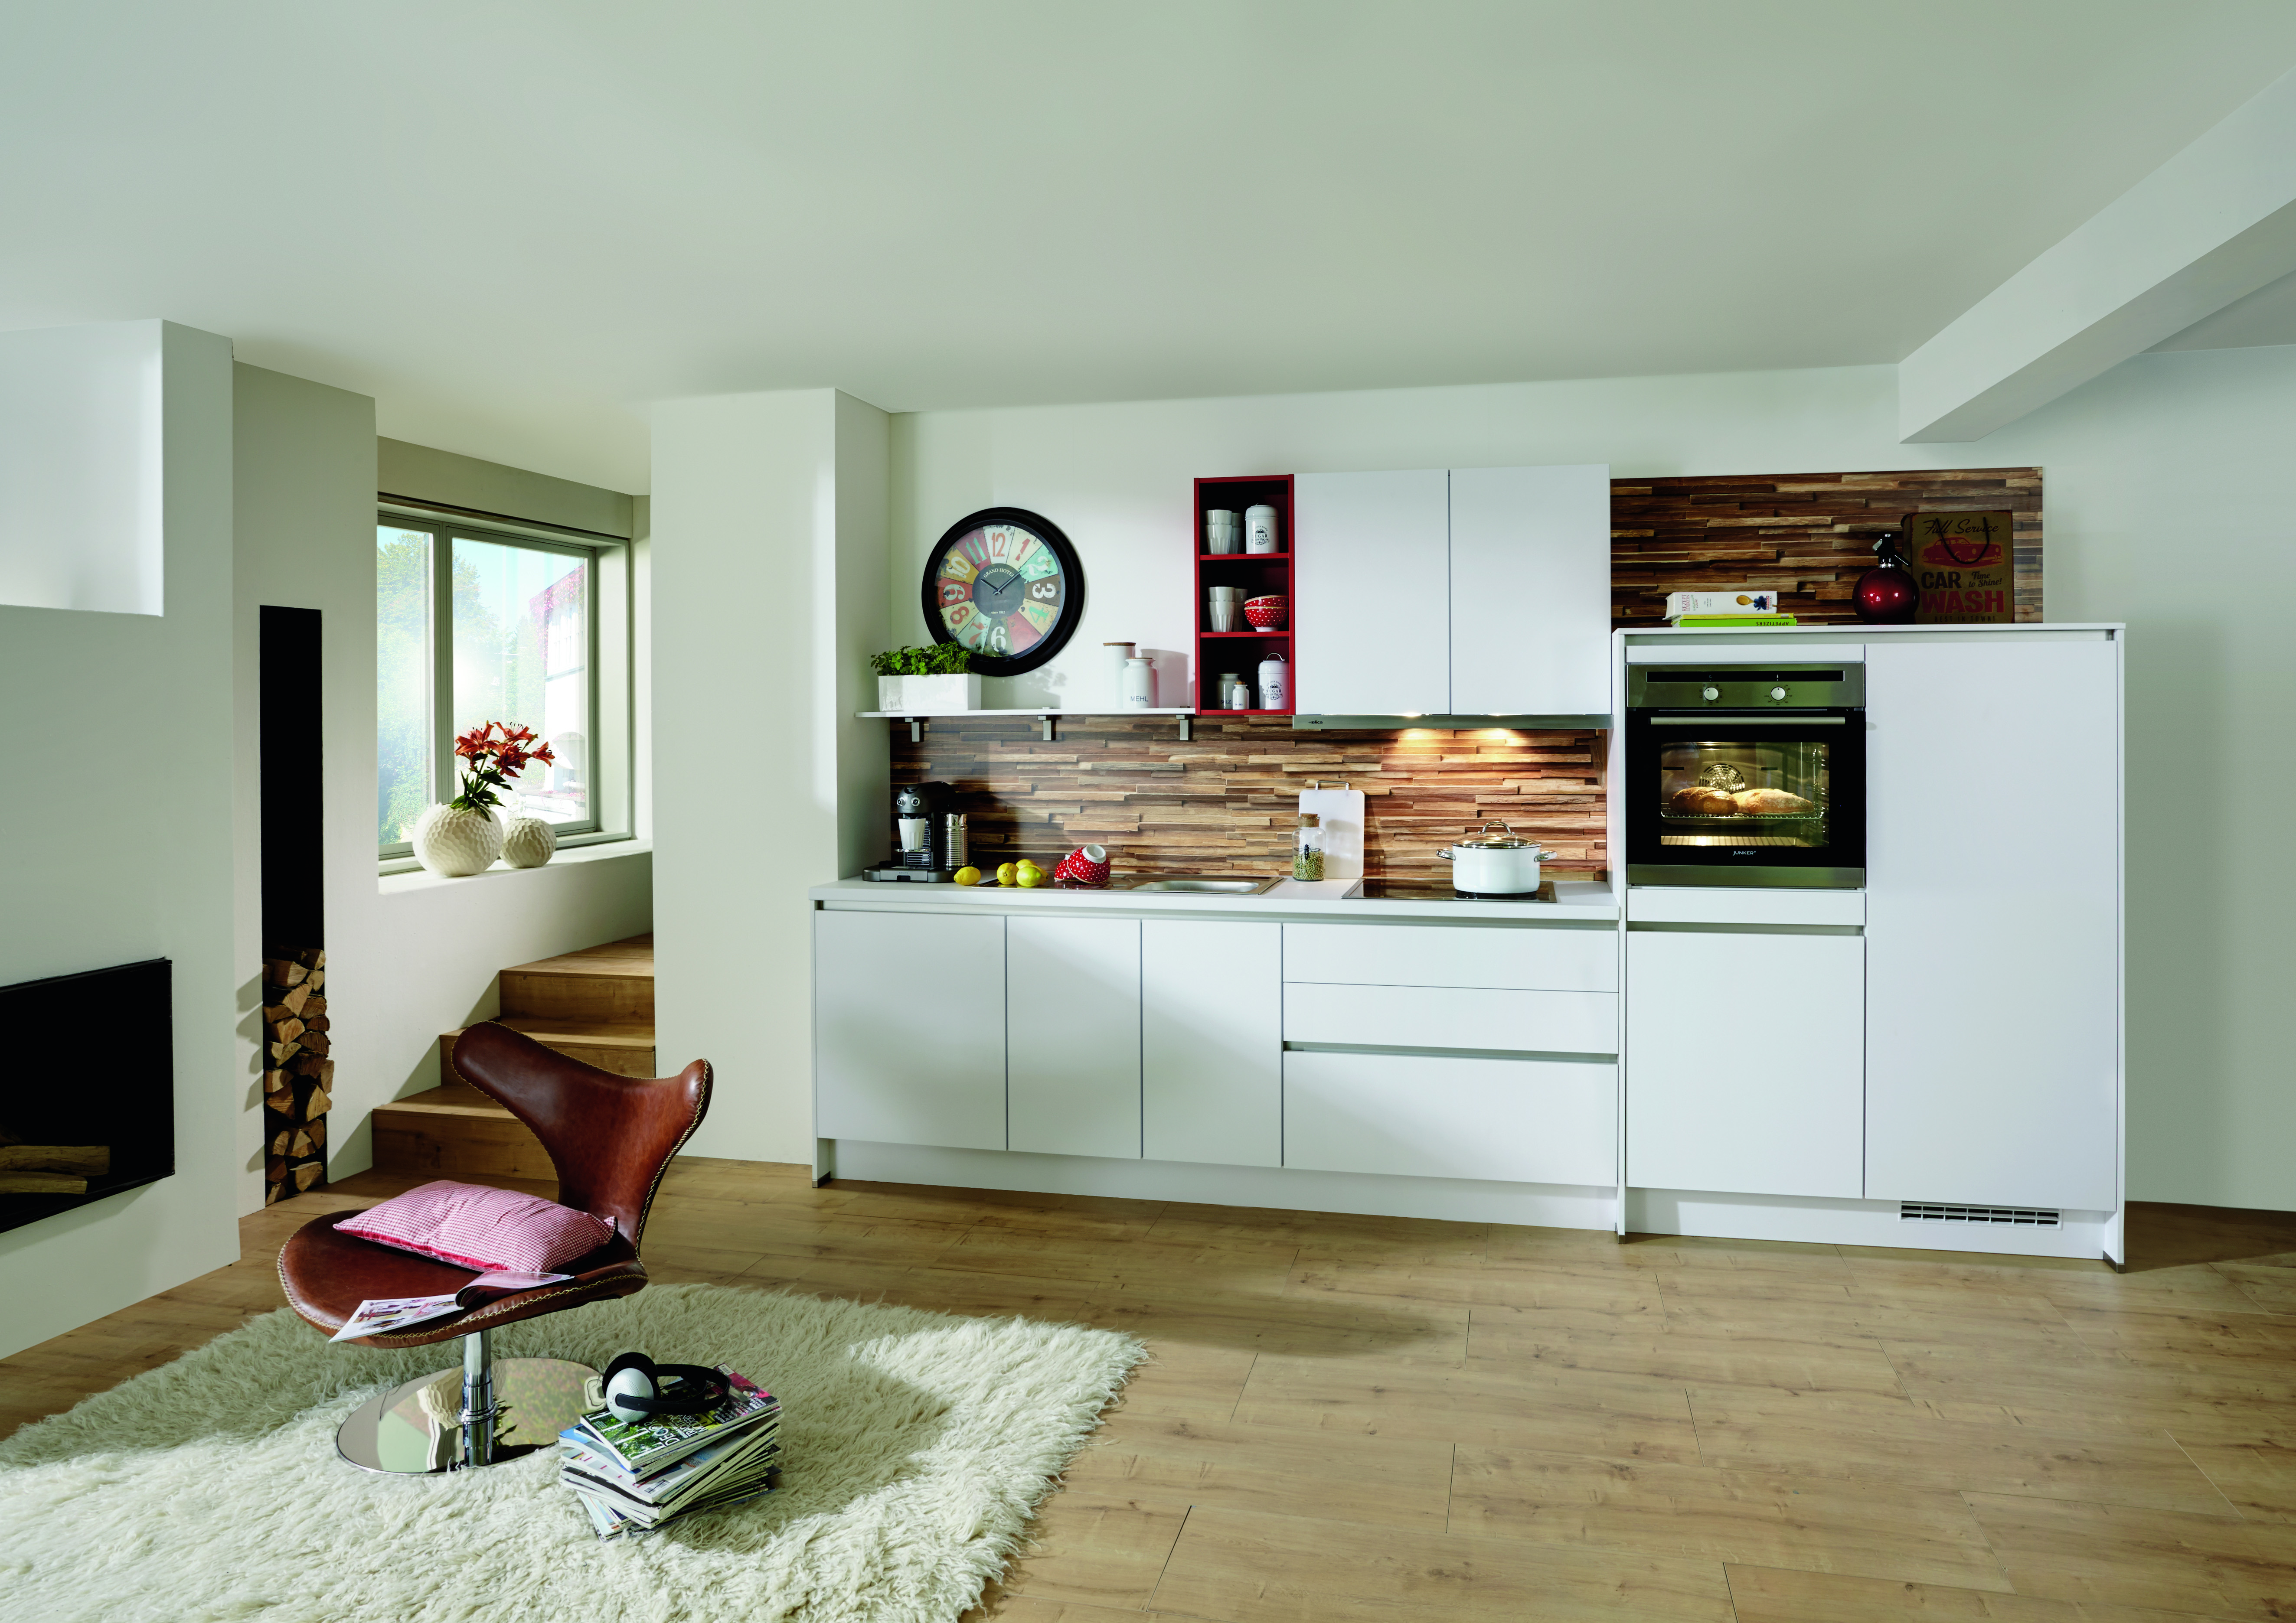 haus garten k chen in neustadt an der weinstrasse. Black Bedroom Furniture Sets. Home Design Ideas